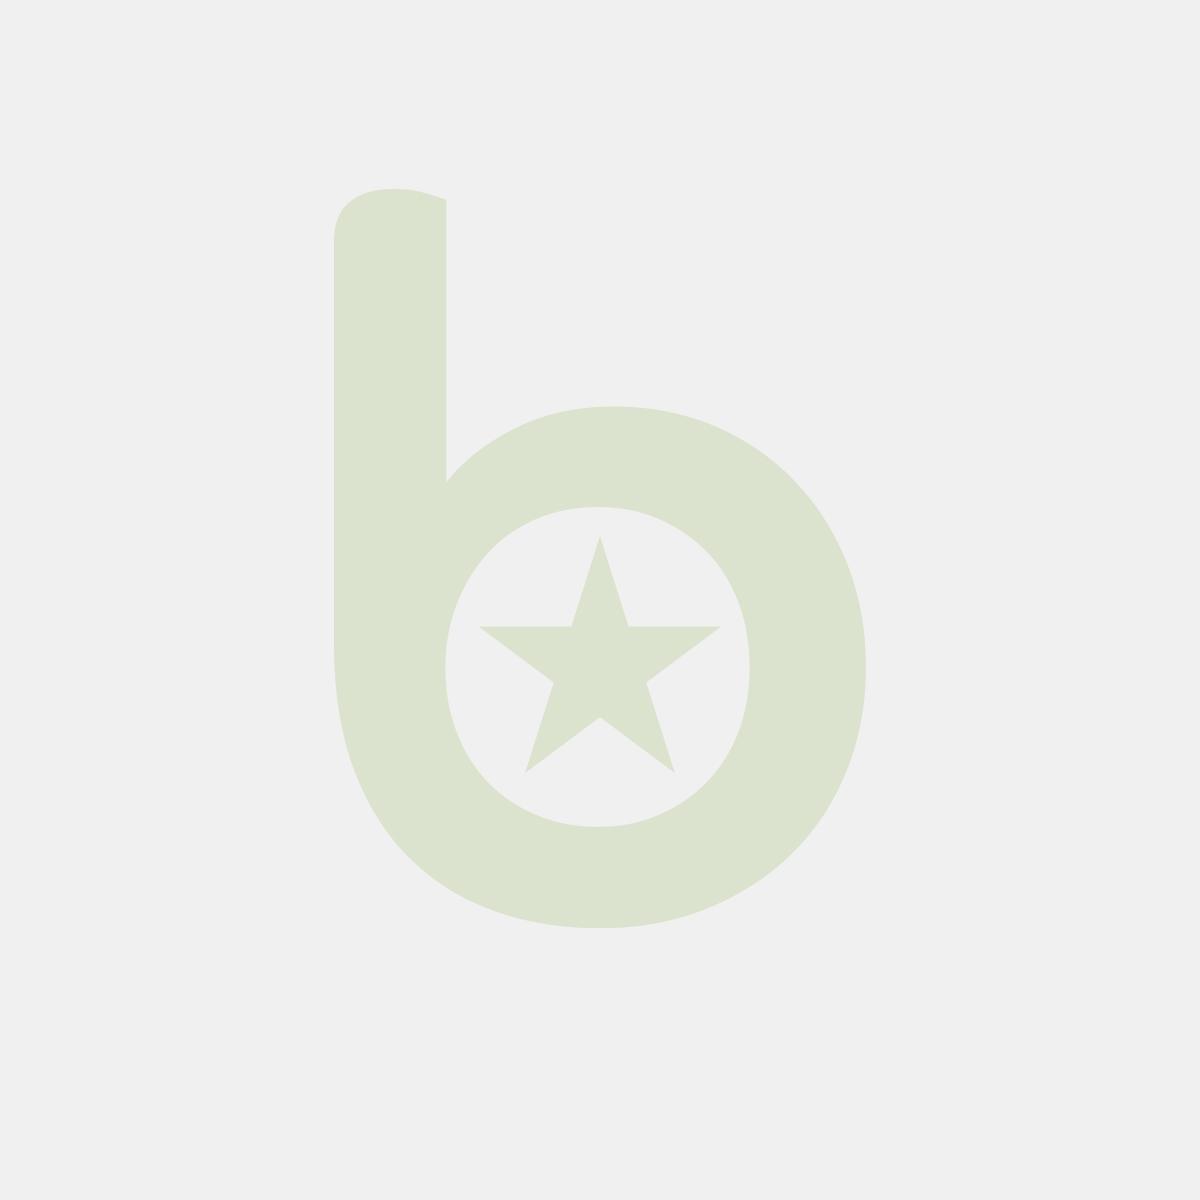 KEBAB BOX 750ml, nadruk standard SMACZNEGO, cena za opakowanie 50szt